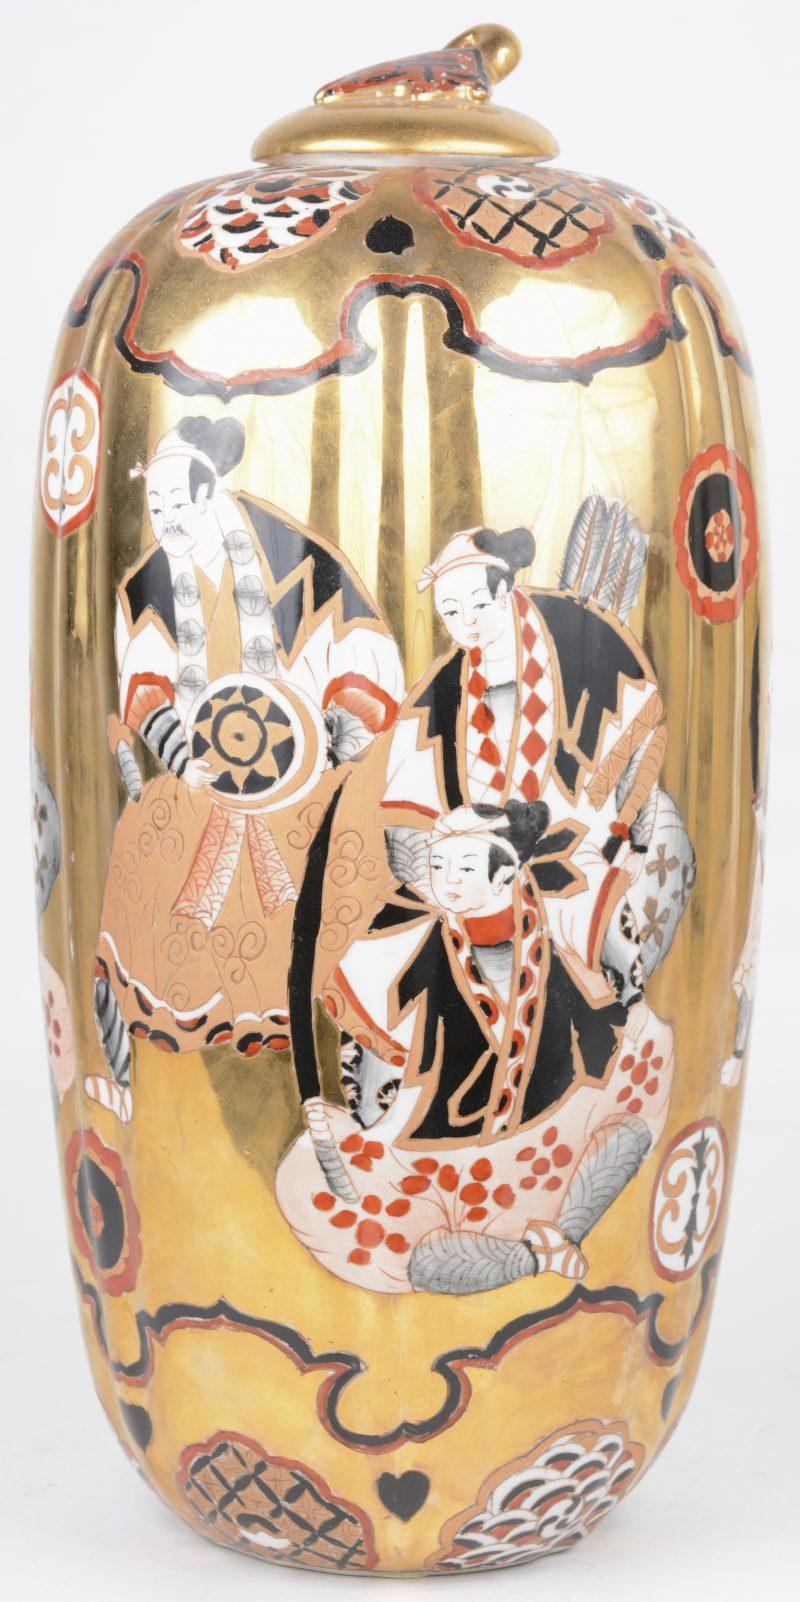 Een dekselvaas van Japans porselein met een decor van krijgers op gouden fond. Onderaan gemerkt.